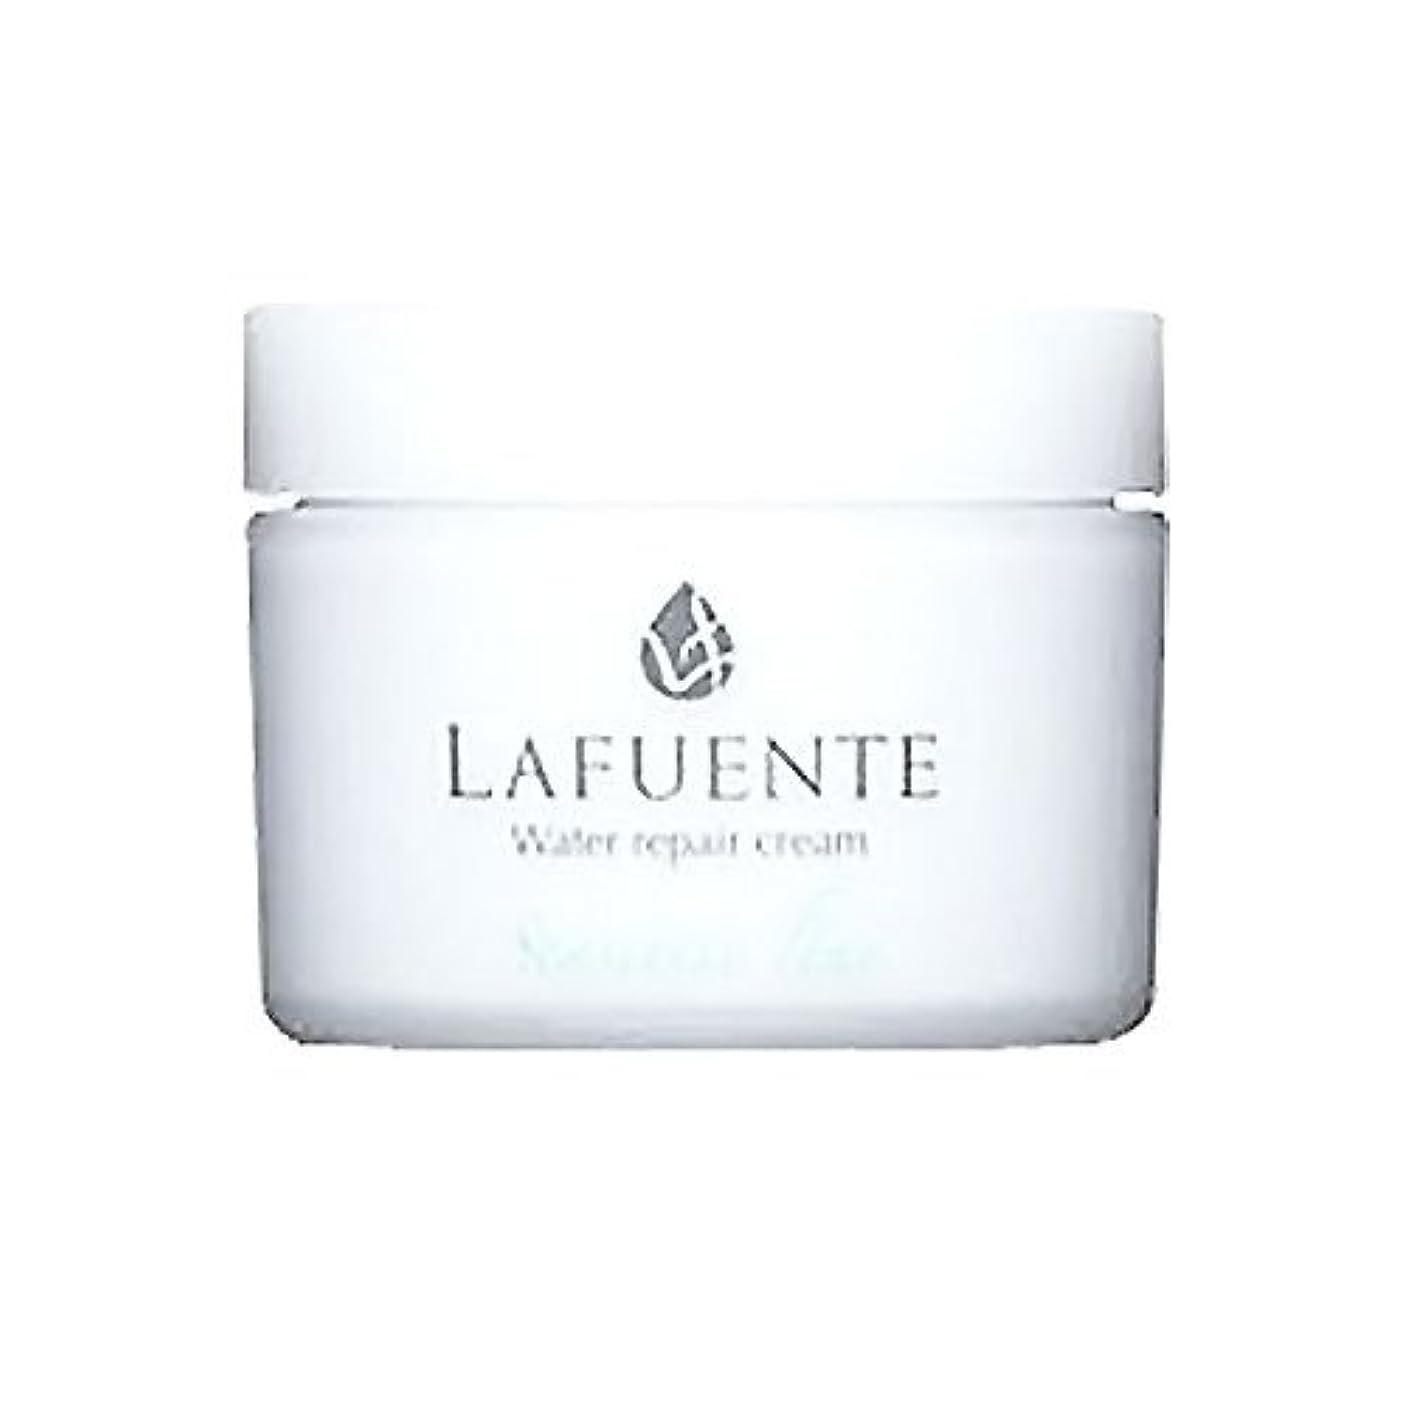 パックコンバーチブル海嶺LAFUNTE (ラファンテ) ウォーターリペアクリーム 50g